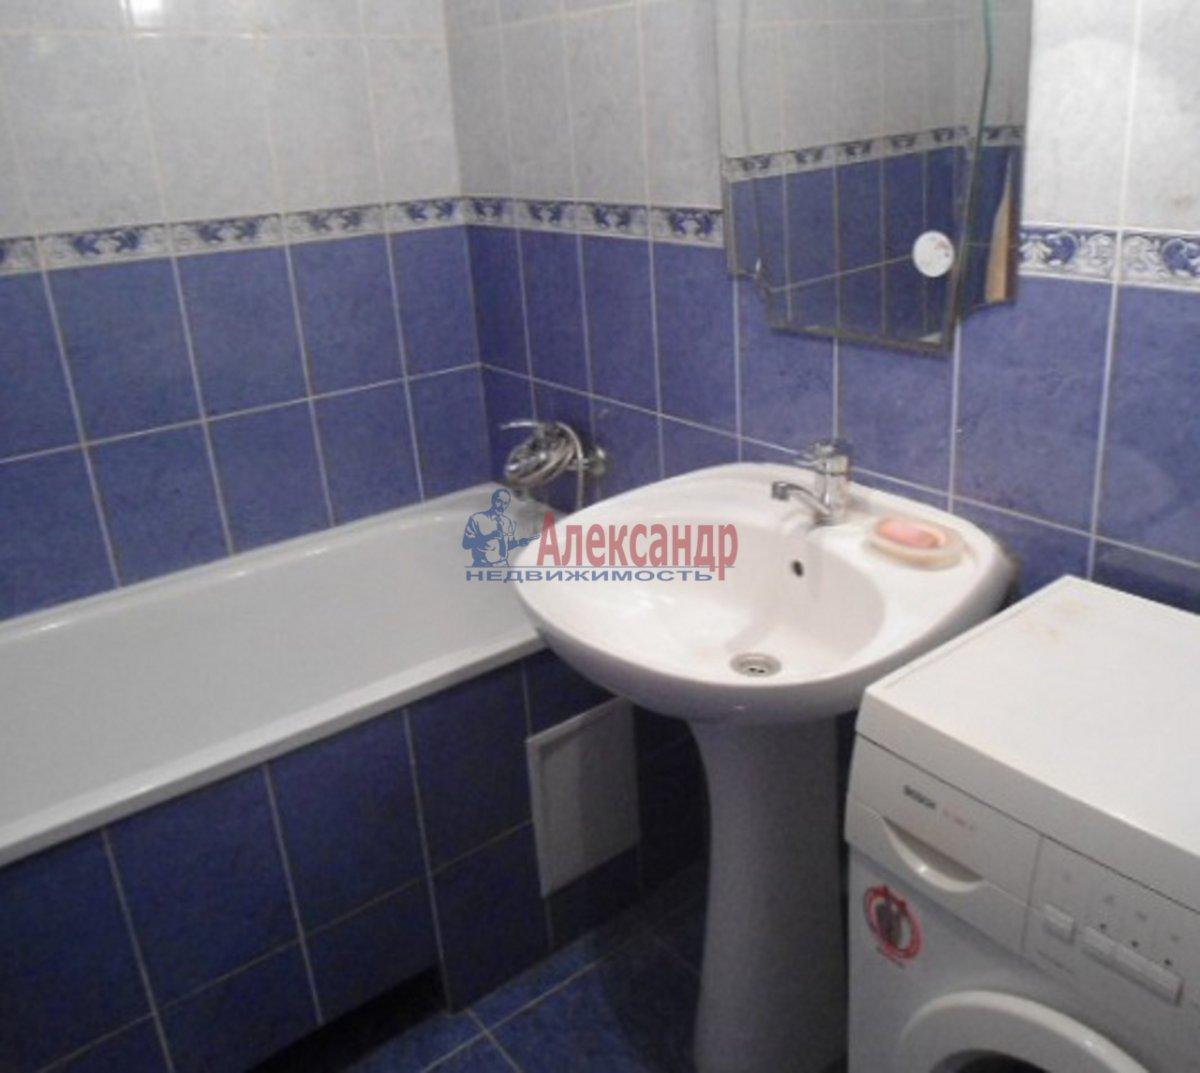 2-комнатная квартира (65м2) в аренду по адресу Школьная ул., 128— фото 3 из 3